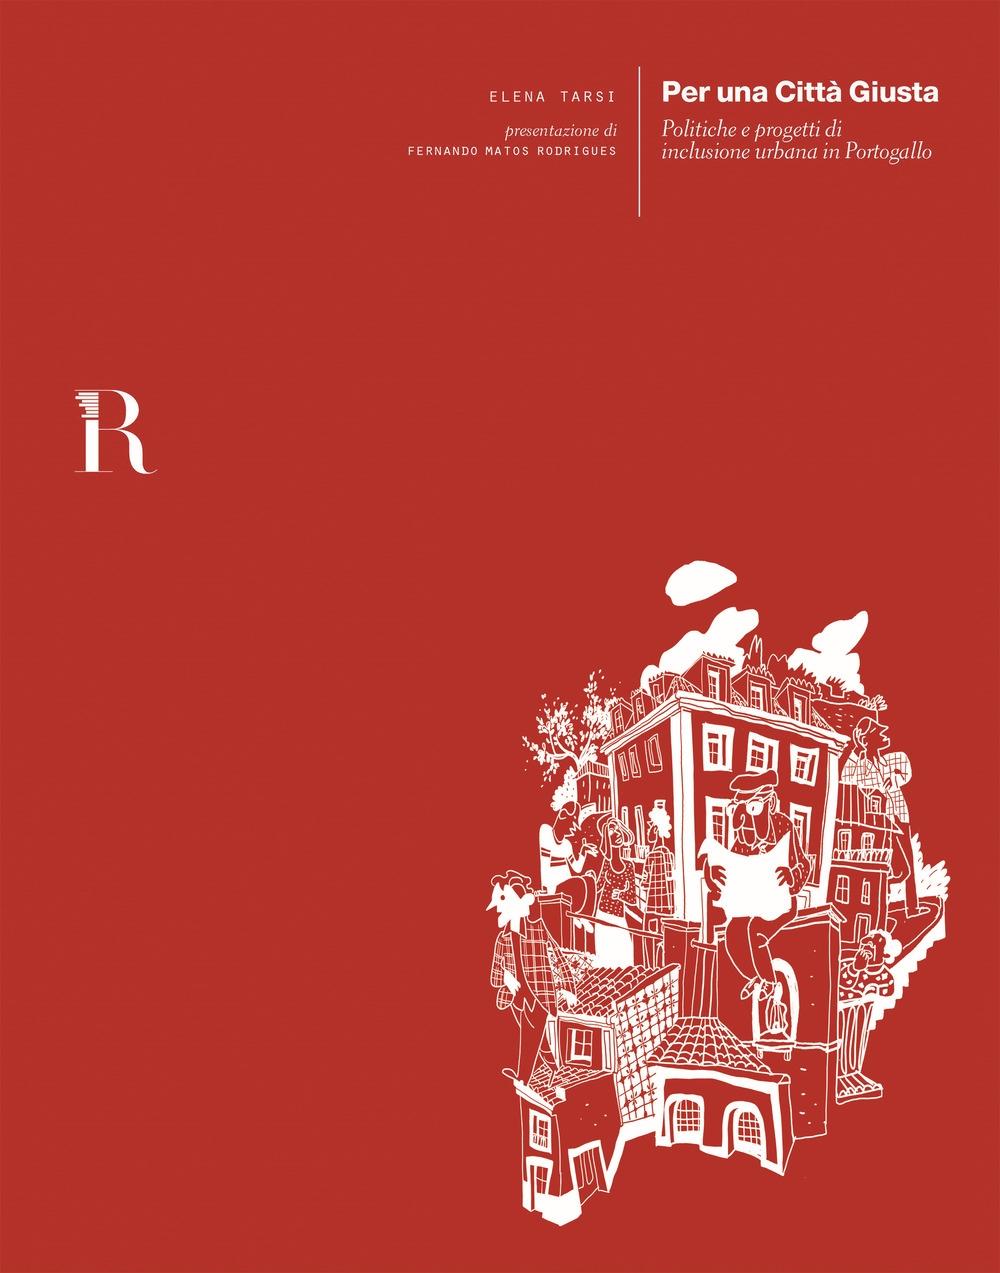 Per una città giusta. Politiche e progetti di inclusione urbana in Portogallo